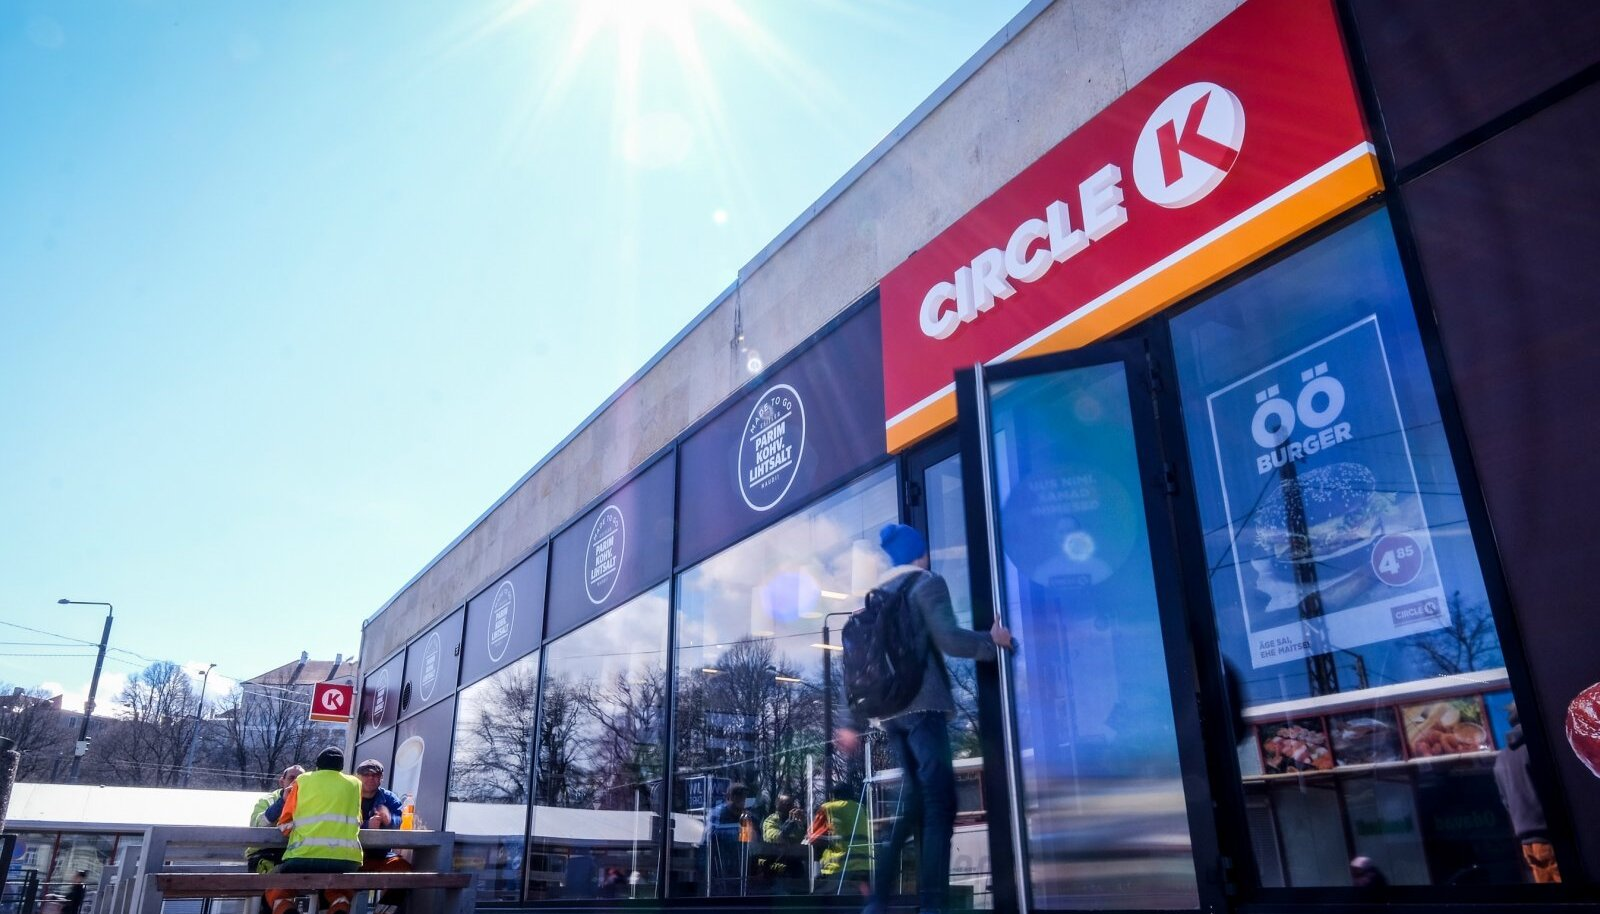 Circle K esimene mugavuspood Balti jaamas. Tankida ei saa, aga burgerit küll.